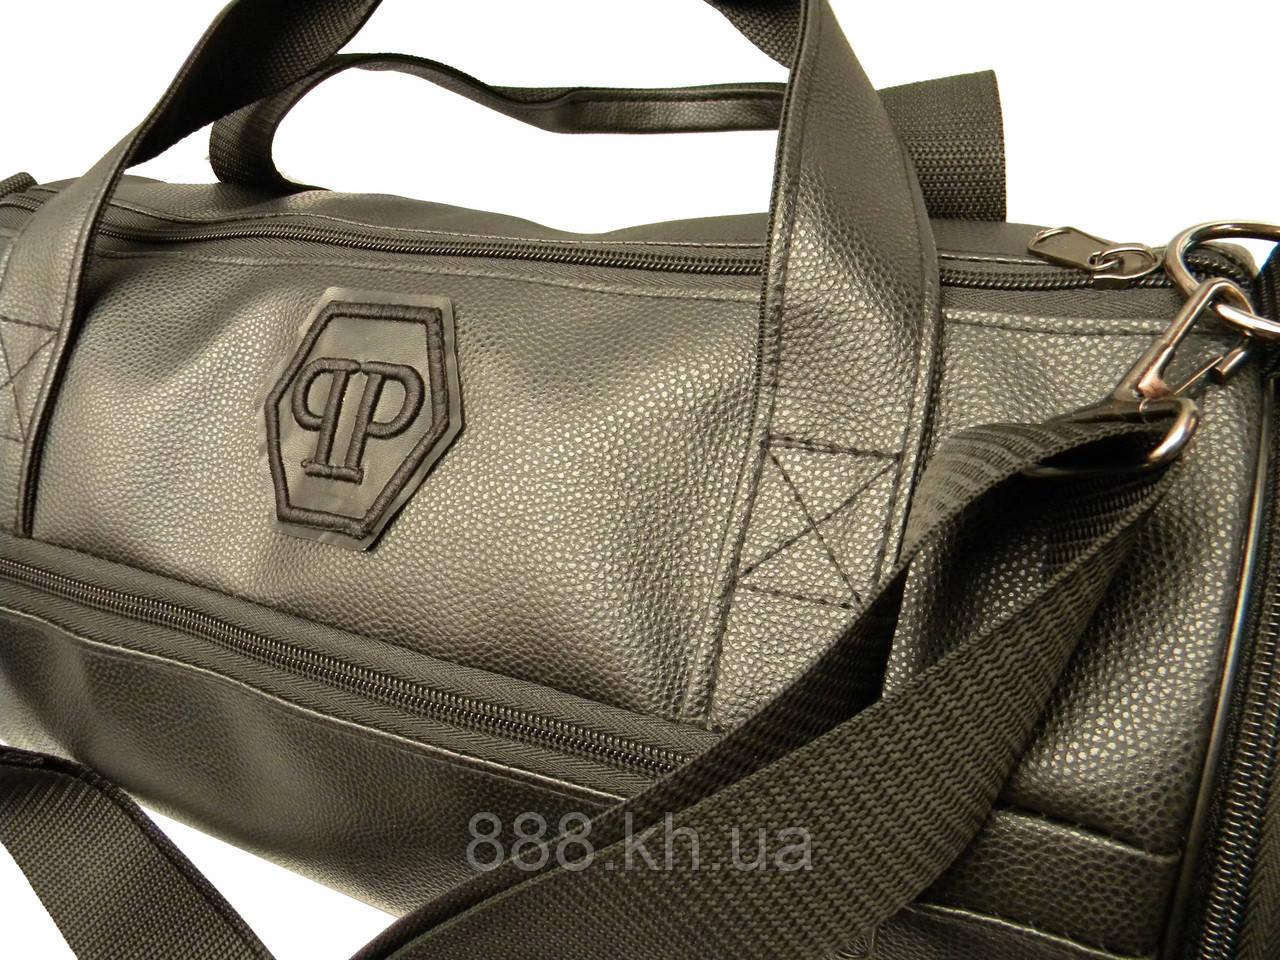 Кожаная сумка бочка Philipp Plein, черная мужская сумка PP, женская сумка для тренировок Филипп Плейн